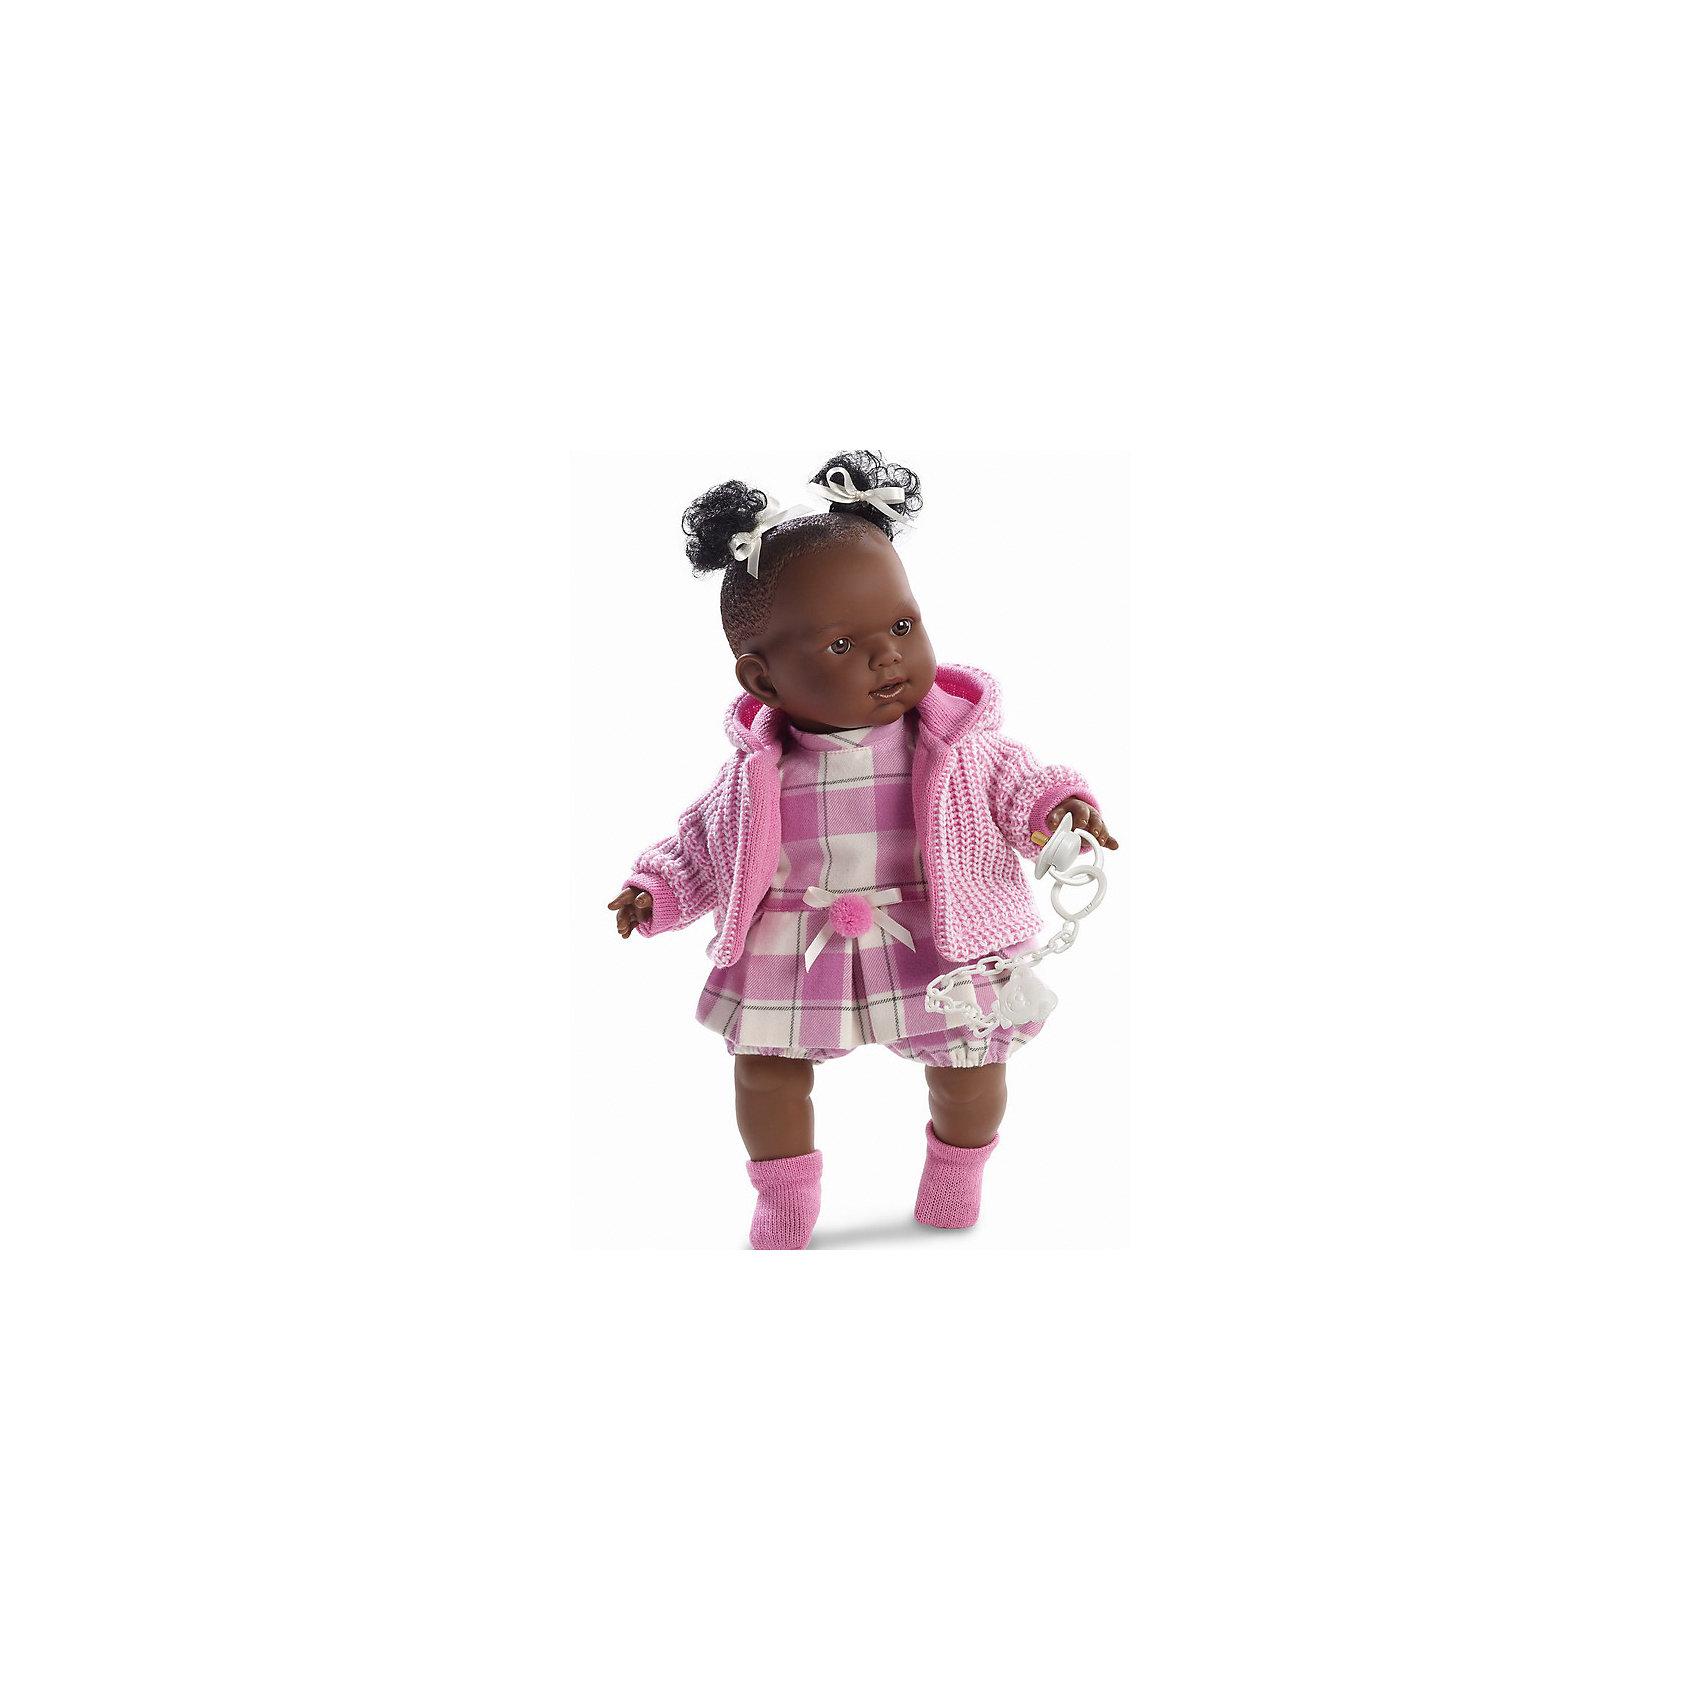 Кукла Николь, 42 см, LlorensКлассические куклы<br>Характеристики:<br><br>• Предназначение: для сюжетно-ролевых игр<br>• Тип куклы: мягконабивная<br>• Пол куклы: девочка <br>• Цвет волос: черный<br>• Материал: поливинилхлорид, пластик, нейлон, текстиль<br>• Цвет: розовый, белый<br>• Высота куклы: 42 см<br>• Комплектация: кукла, платье, кофточка с капюшоном, носочки, пустышка на цепочке<br>• Вес: 1 кг 360 г<br>• Размеры упаковки (Д*В*Ш): 23*45*12 см<br>• Упаковка: подарочная картонная коробка <br>• Особенности ухода: допускается деликатная стирка без использования красящих и отбеливающих средств предметов одежды куклы<br><br>Кукла Николь 42 см без звука – кукла, производителем которого является всемирно известный испанский кукольный бренд Llorens. Куклы этой торговой марки имеют свою неповторимую внешность и целую линейку образов как пупсов, так и кукол-малышей. Игрушки выполнены из сочетания поливинилхлорида и пластика, что позволяет с высокой долей достоверности воссоздать физиологические и мимические особенности маленьких детей. При изготовлении кукол Llorens используются только сертифицированные материалы, безопасные и не вызывающие аллергических реакций. Волосы у кукол отличаются густотой, шелковистостью и блеском, при расчесывании они не выпадают и не ломаются.<br>Кукла Николь 42 см без звука выполнена в образе малышки-афроамериканки: у нее черные кудрявые волосы, собранные в два хвостика, и карие глаза. Комплект одежды Николь состоит из клетчатого платьица с пояском, вязаной кофточки с капюшоном и розовых носочков. У малышки имеется соска на цепочке-держателе. <br>Кукла Николь 42 см без звука – это идеальный вариант для подарка к различным праздникам и торжествам.<br><br>Куклу Николь 42 см без звука можно купить в нашем интернет-магазине.<br><br>Ширина мм: 23<br>Глубина мм: 45<br>Высота мм: 12<br>Вес г: 1360<br>Возраст от месяцев: 36<br>Возраст до месяцев: 84<br>Пол: Женский<br>Возраст: Детский<br>SKU: 5086920